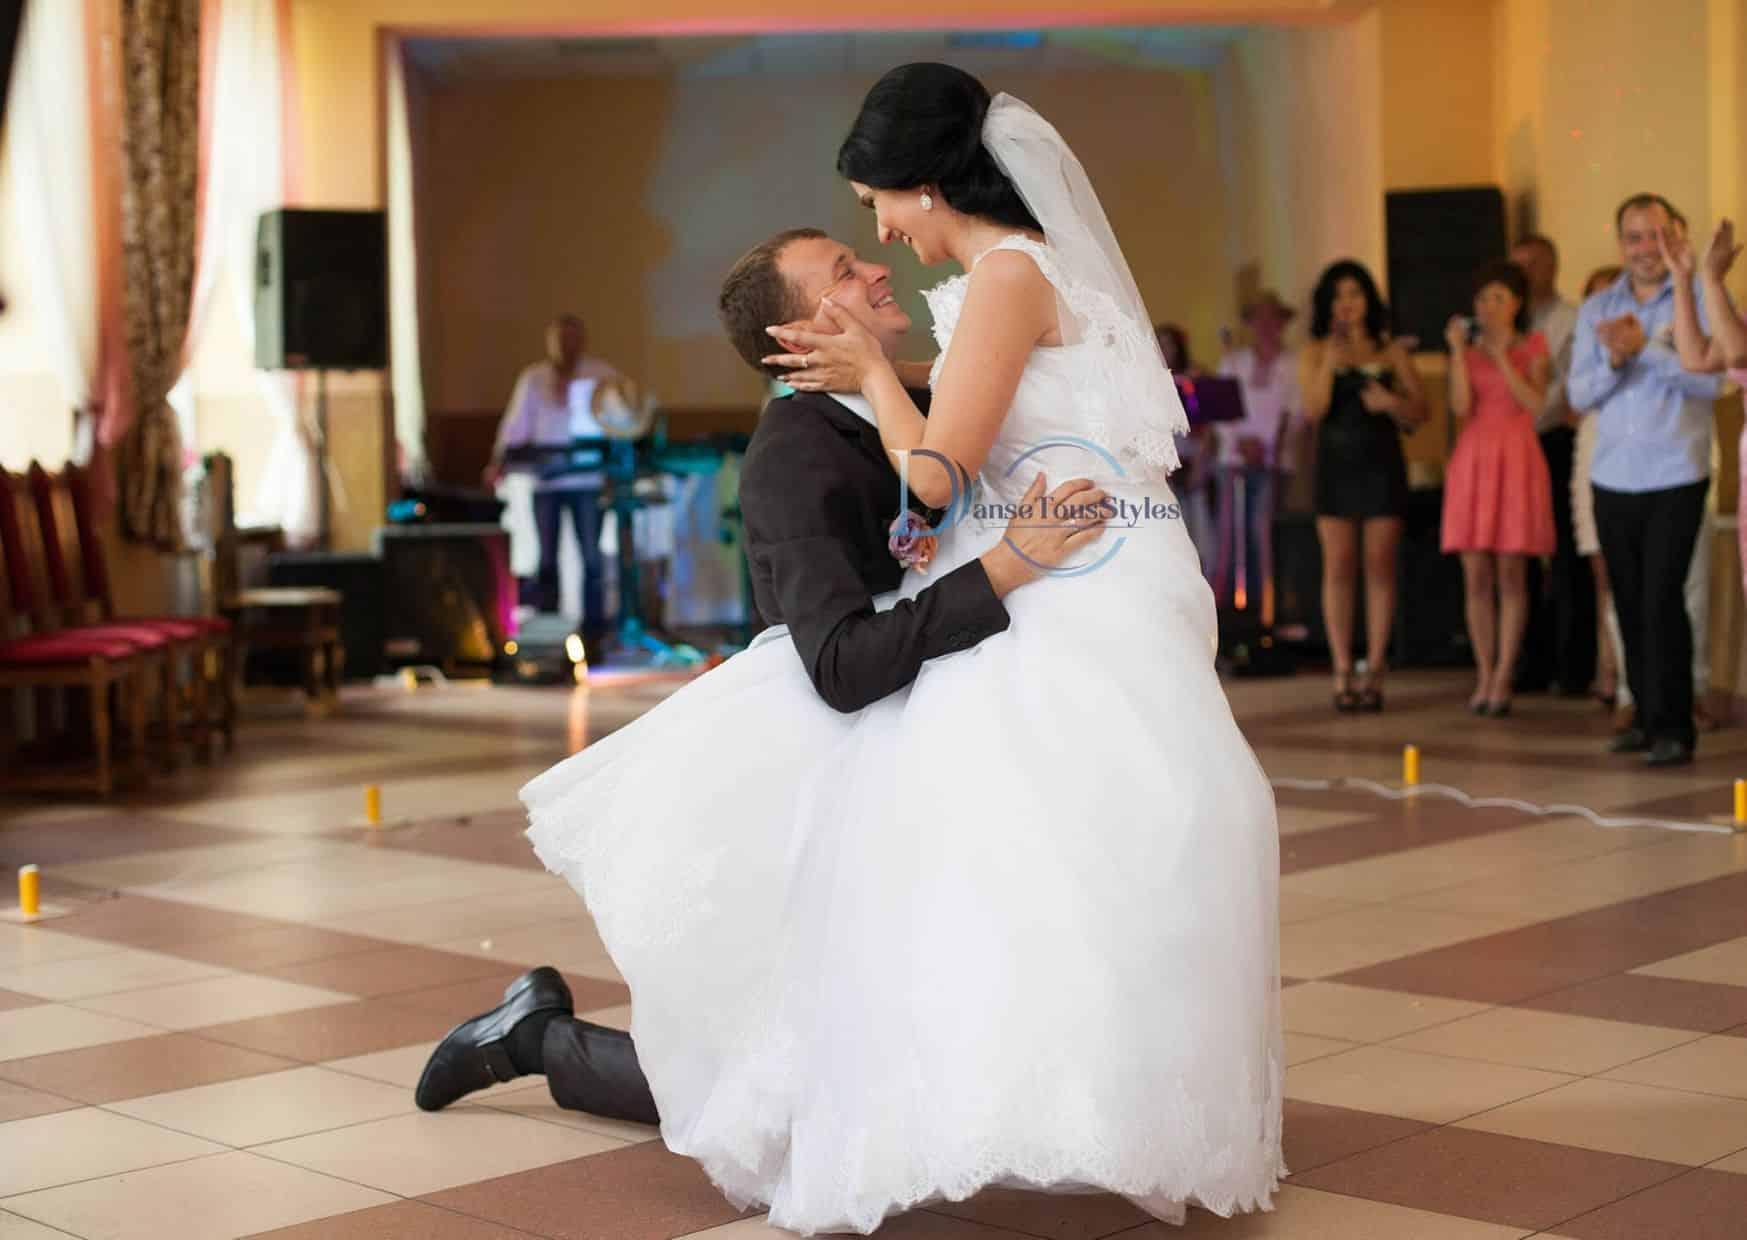 ouverture de bal cours danse mariage marseille - Ouverture de Bal / 1ère danse de mariage à Courbevoie